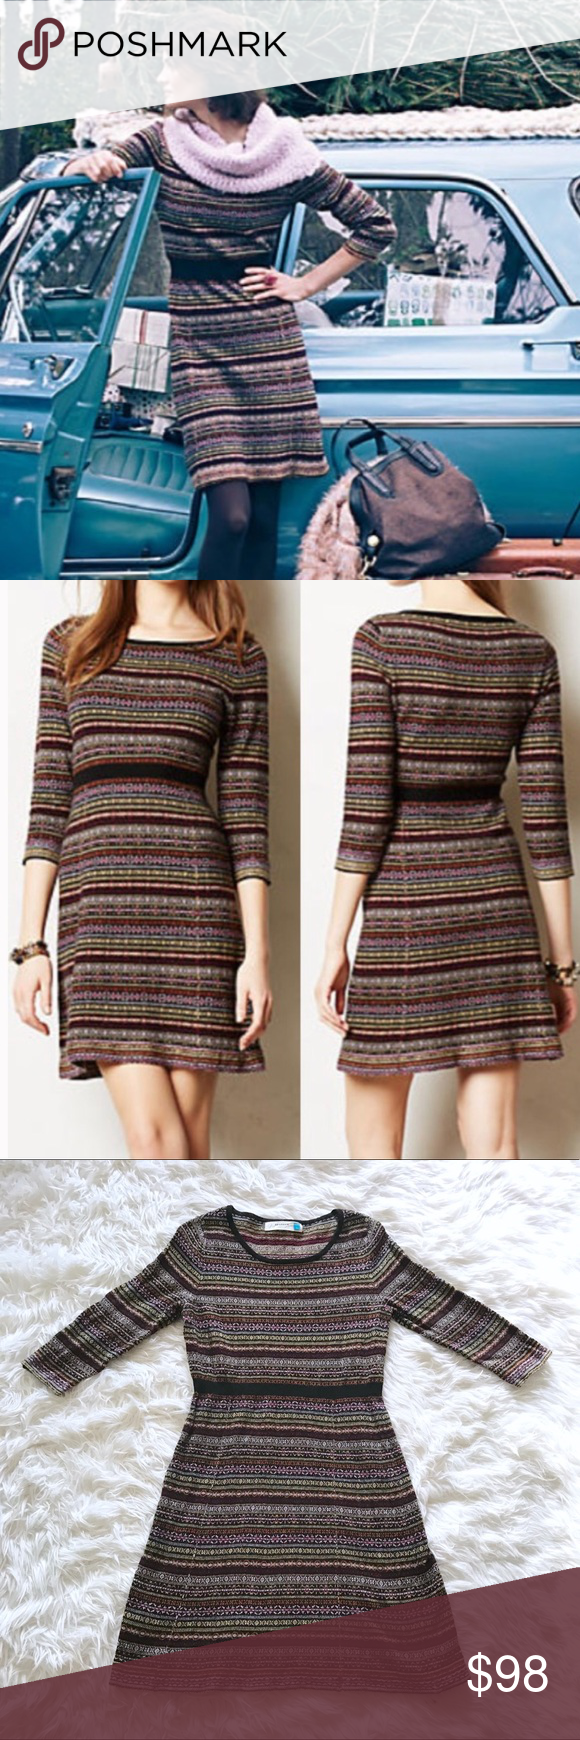 c01a6e2eee9 Anthropologie Sparrow Clara Fairisle Sweater Dress Anthropologie Sparrow  Clara Sweater Dress. Fair isle print Sweater